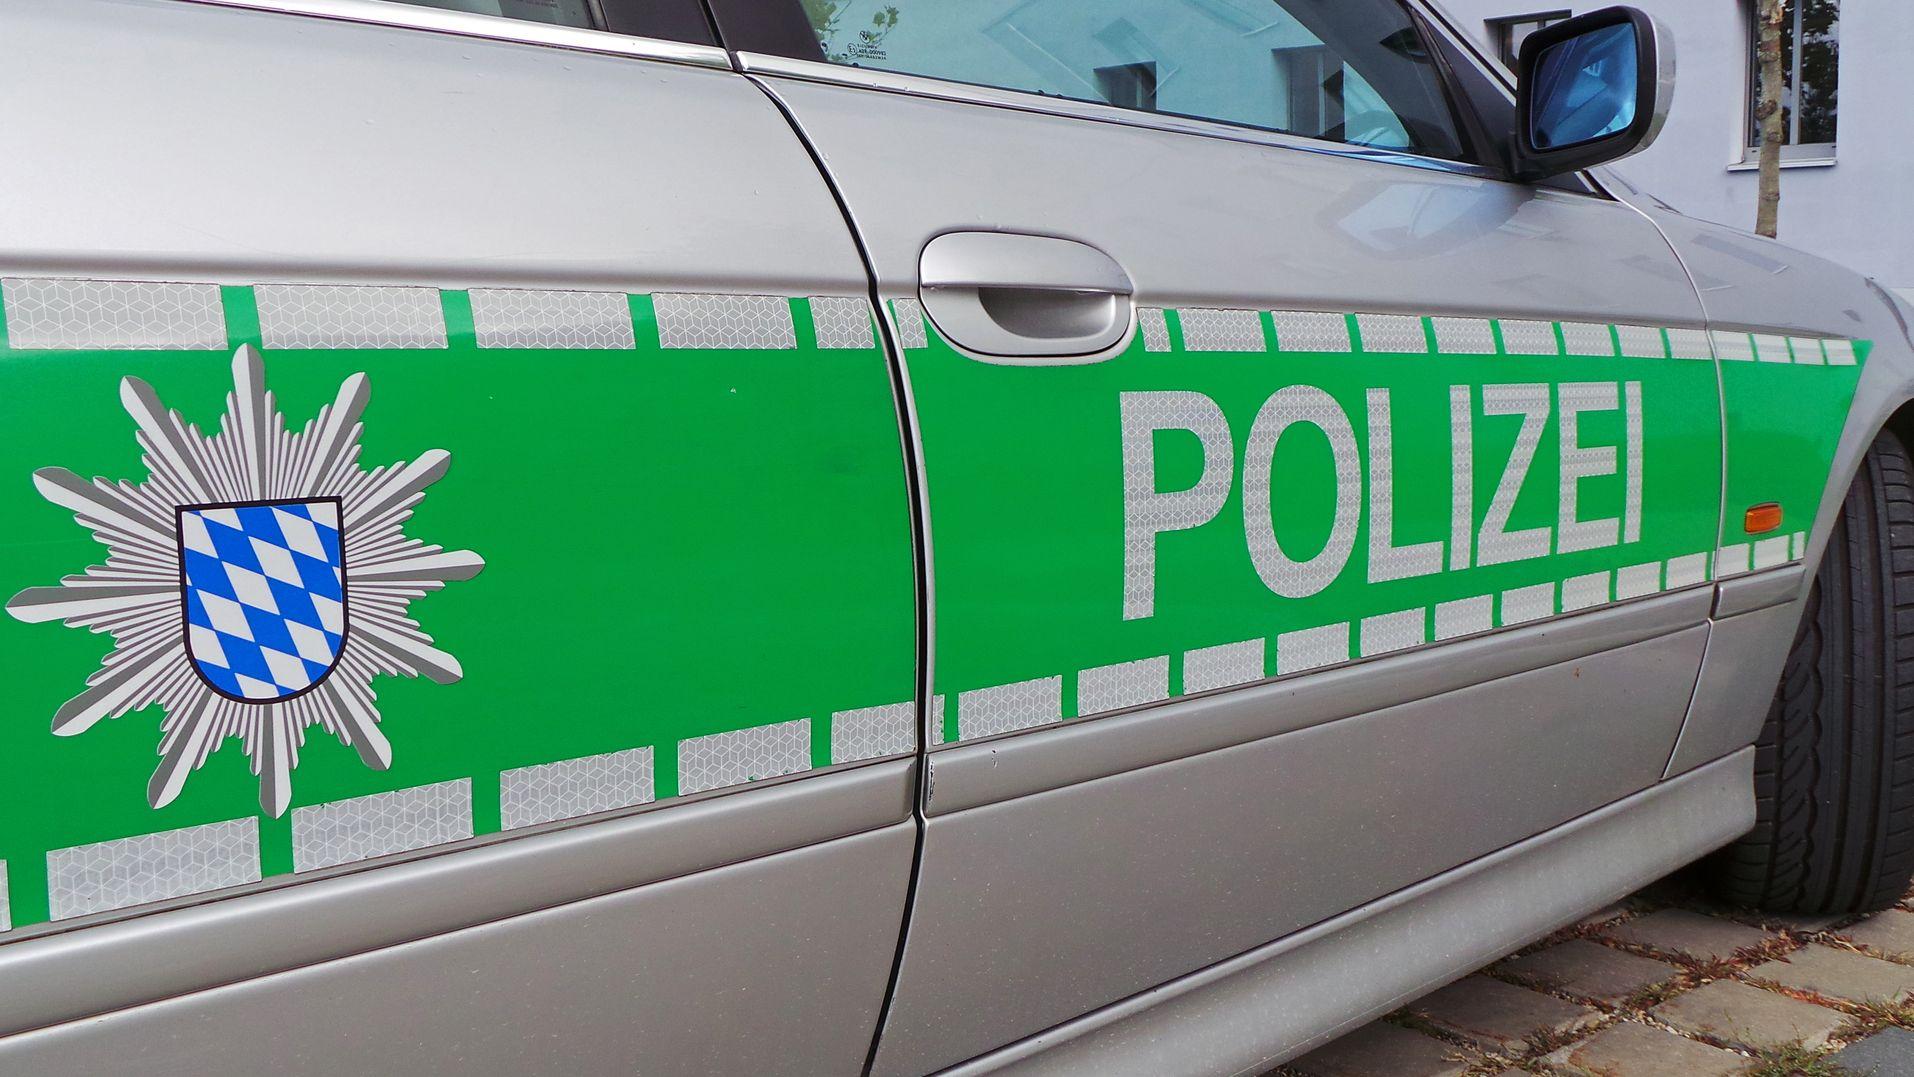 Polizeiauto von der Seite